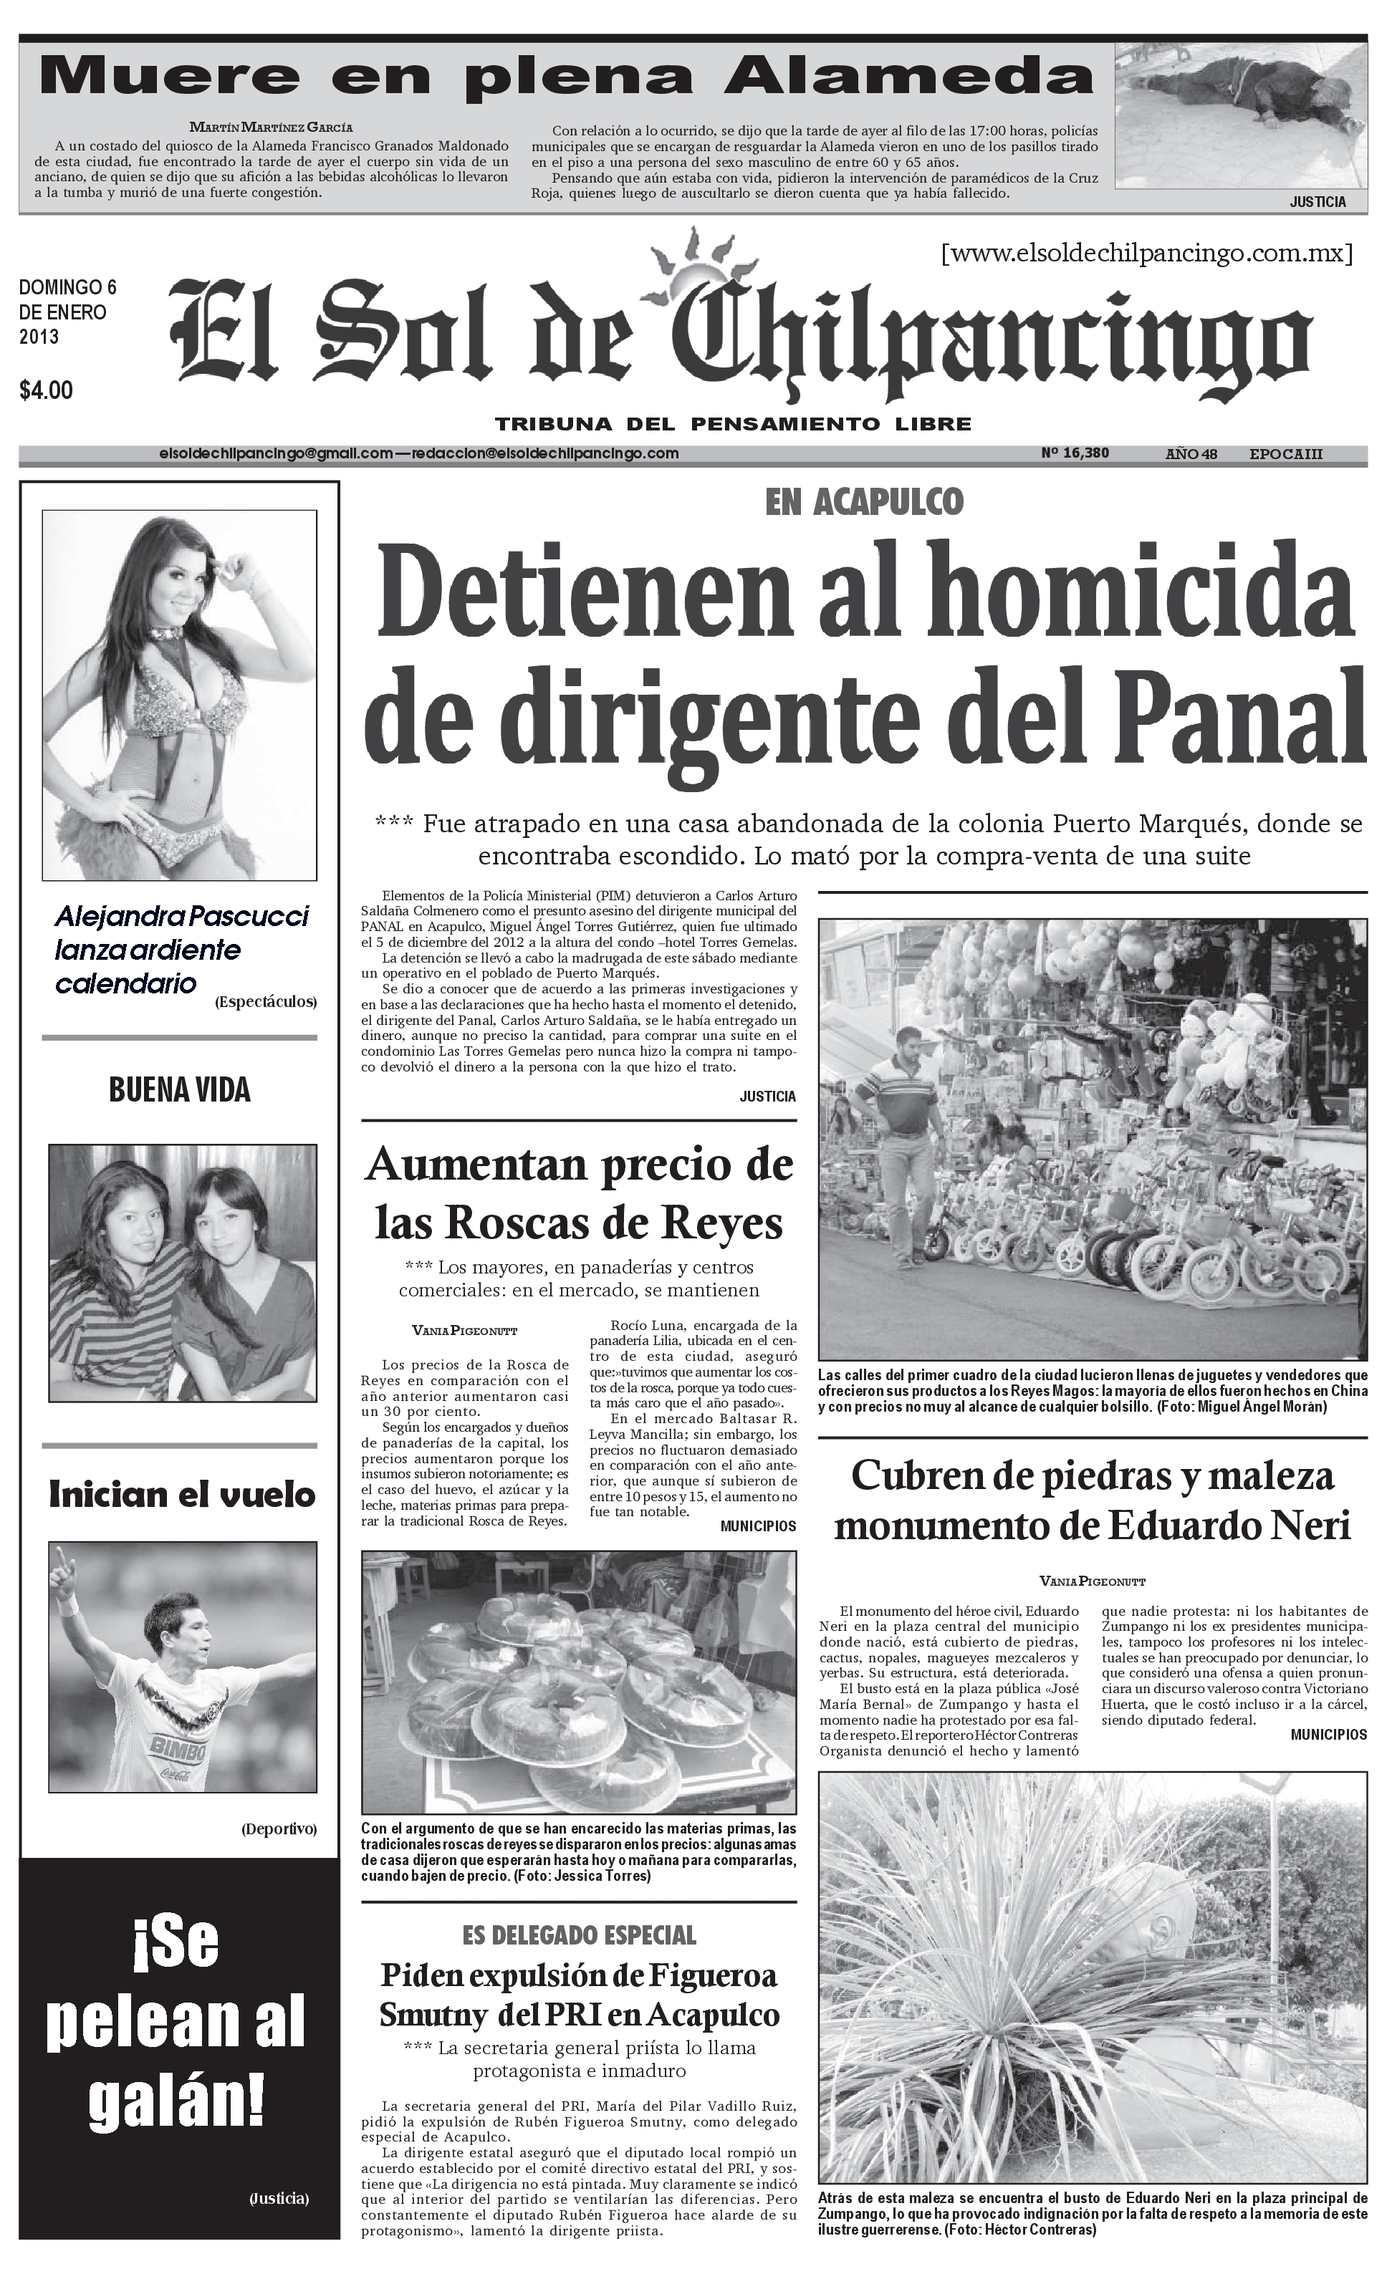 Calaméo - El Sol de Chilpancingo - 06 Enero 2013